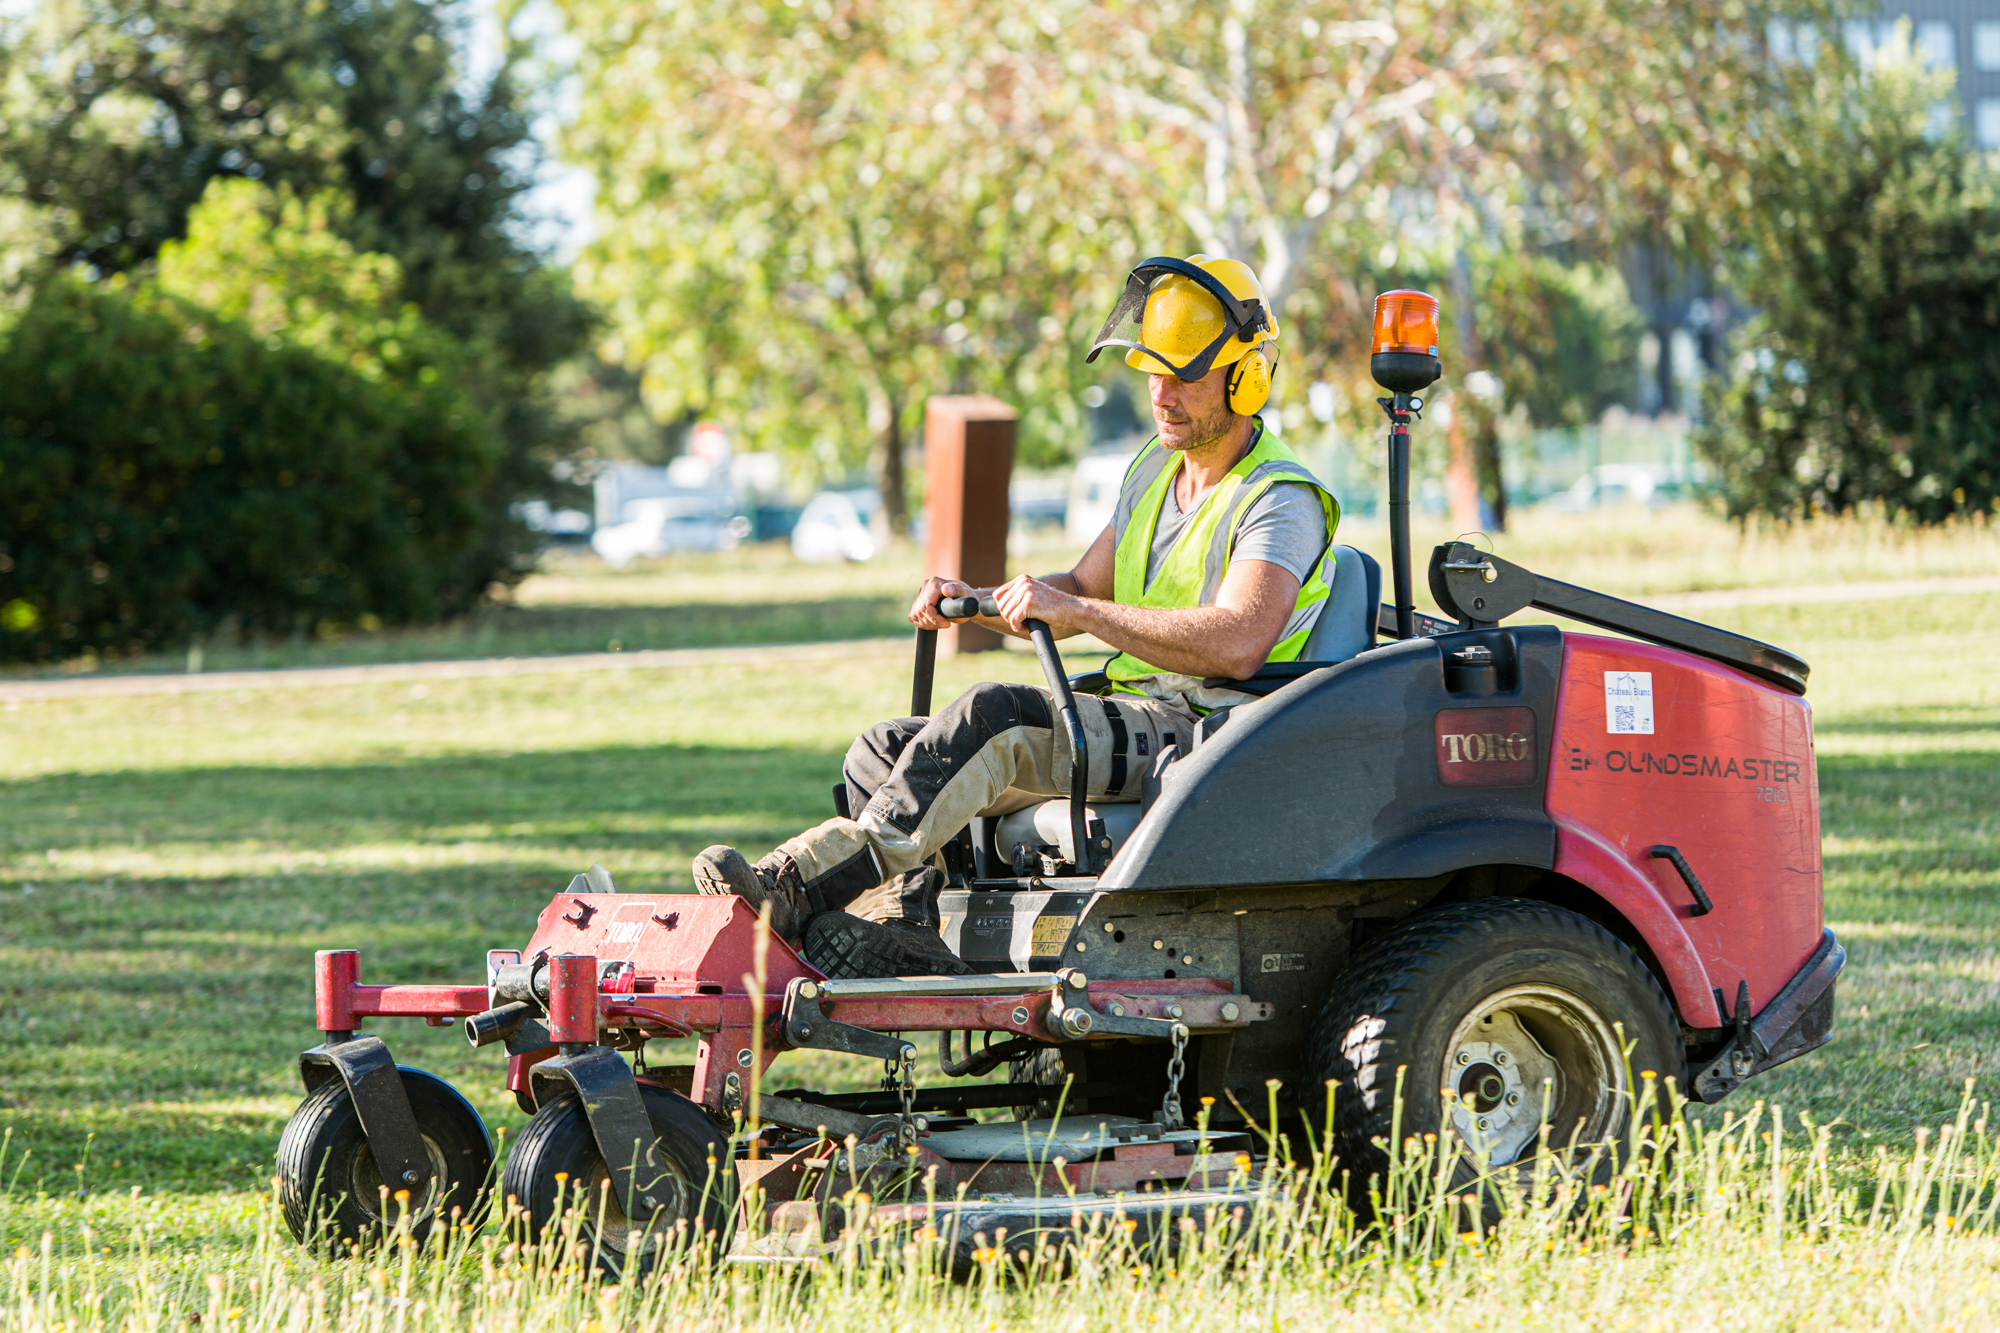 Un employé utilise la tondeuse autoporté pour couper l'herbe